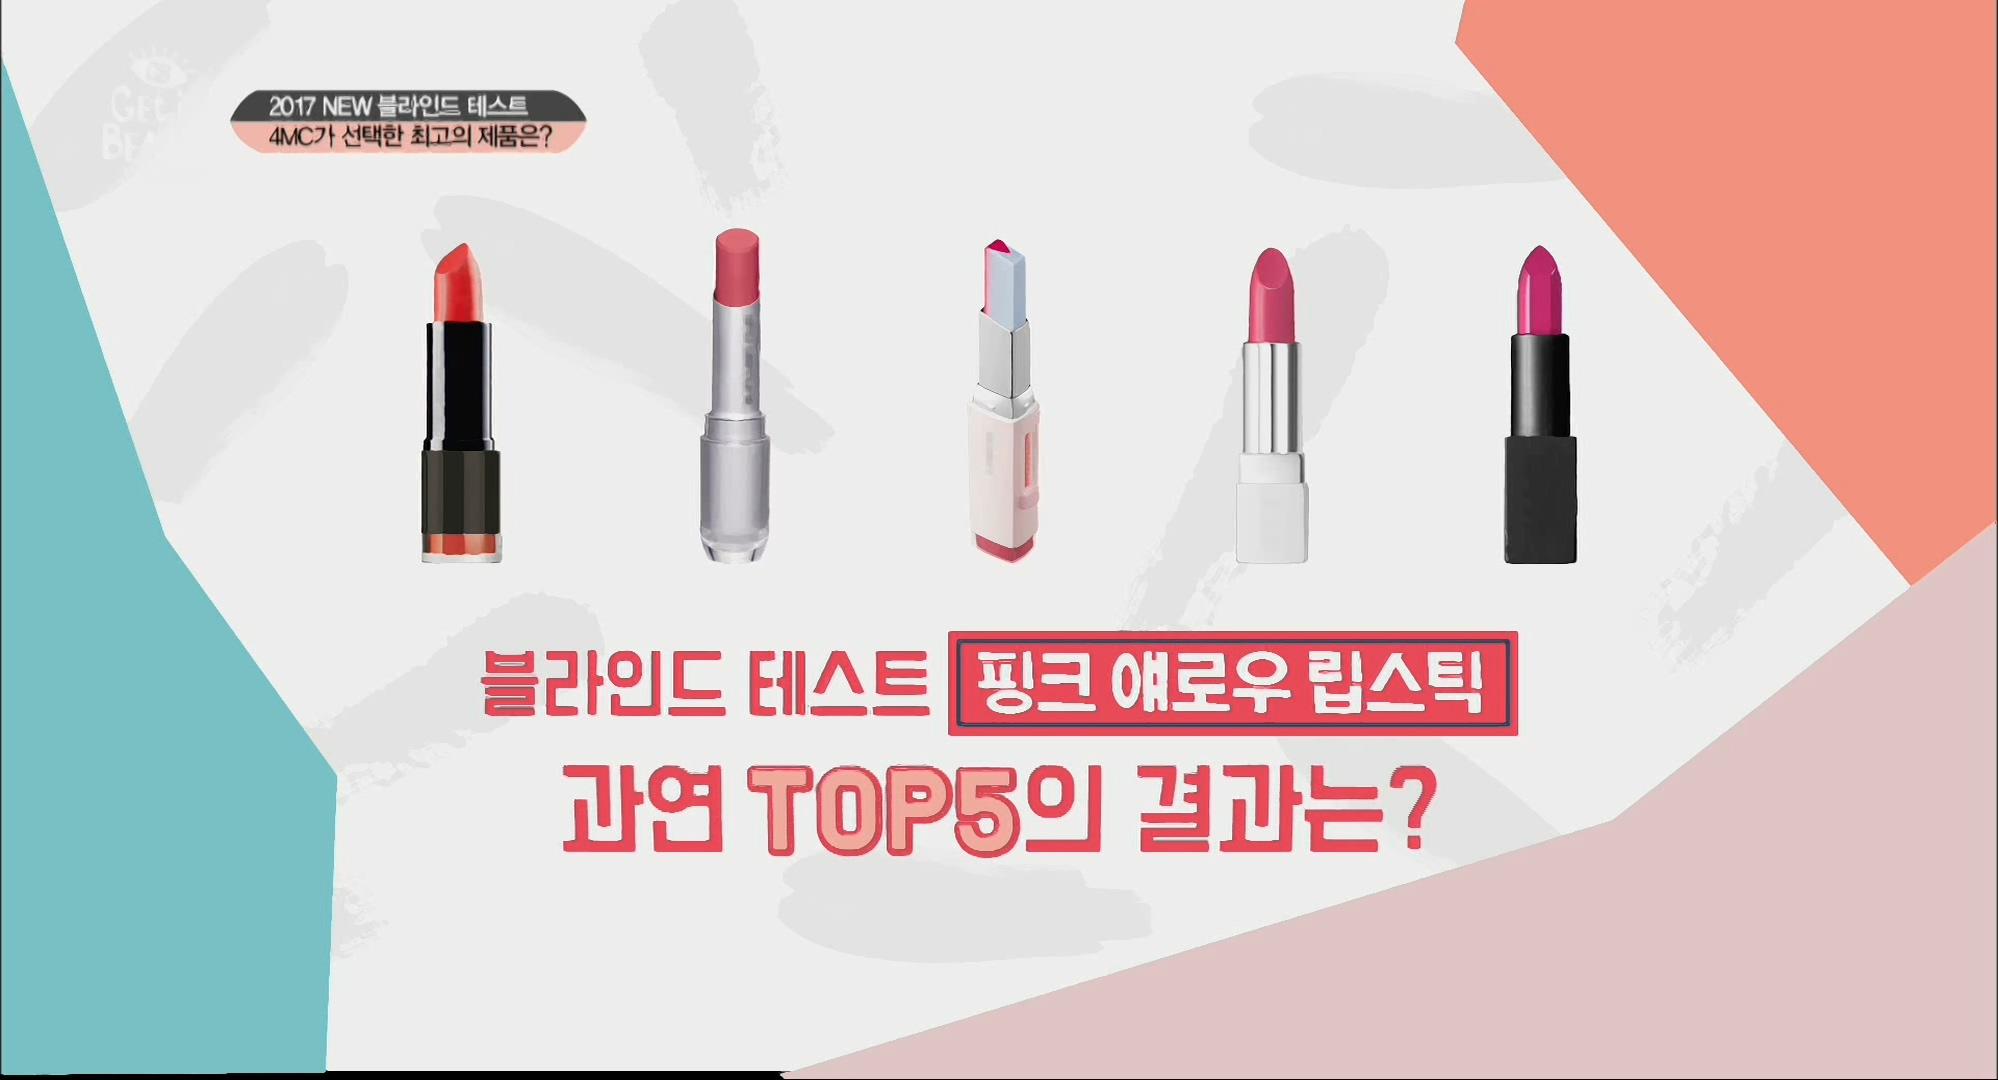 블라인드 테스트 〈핑크 얘로우 립스틱〉 TOP5 순위 결과 발표